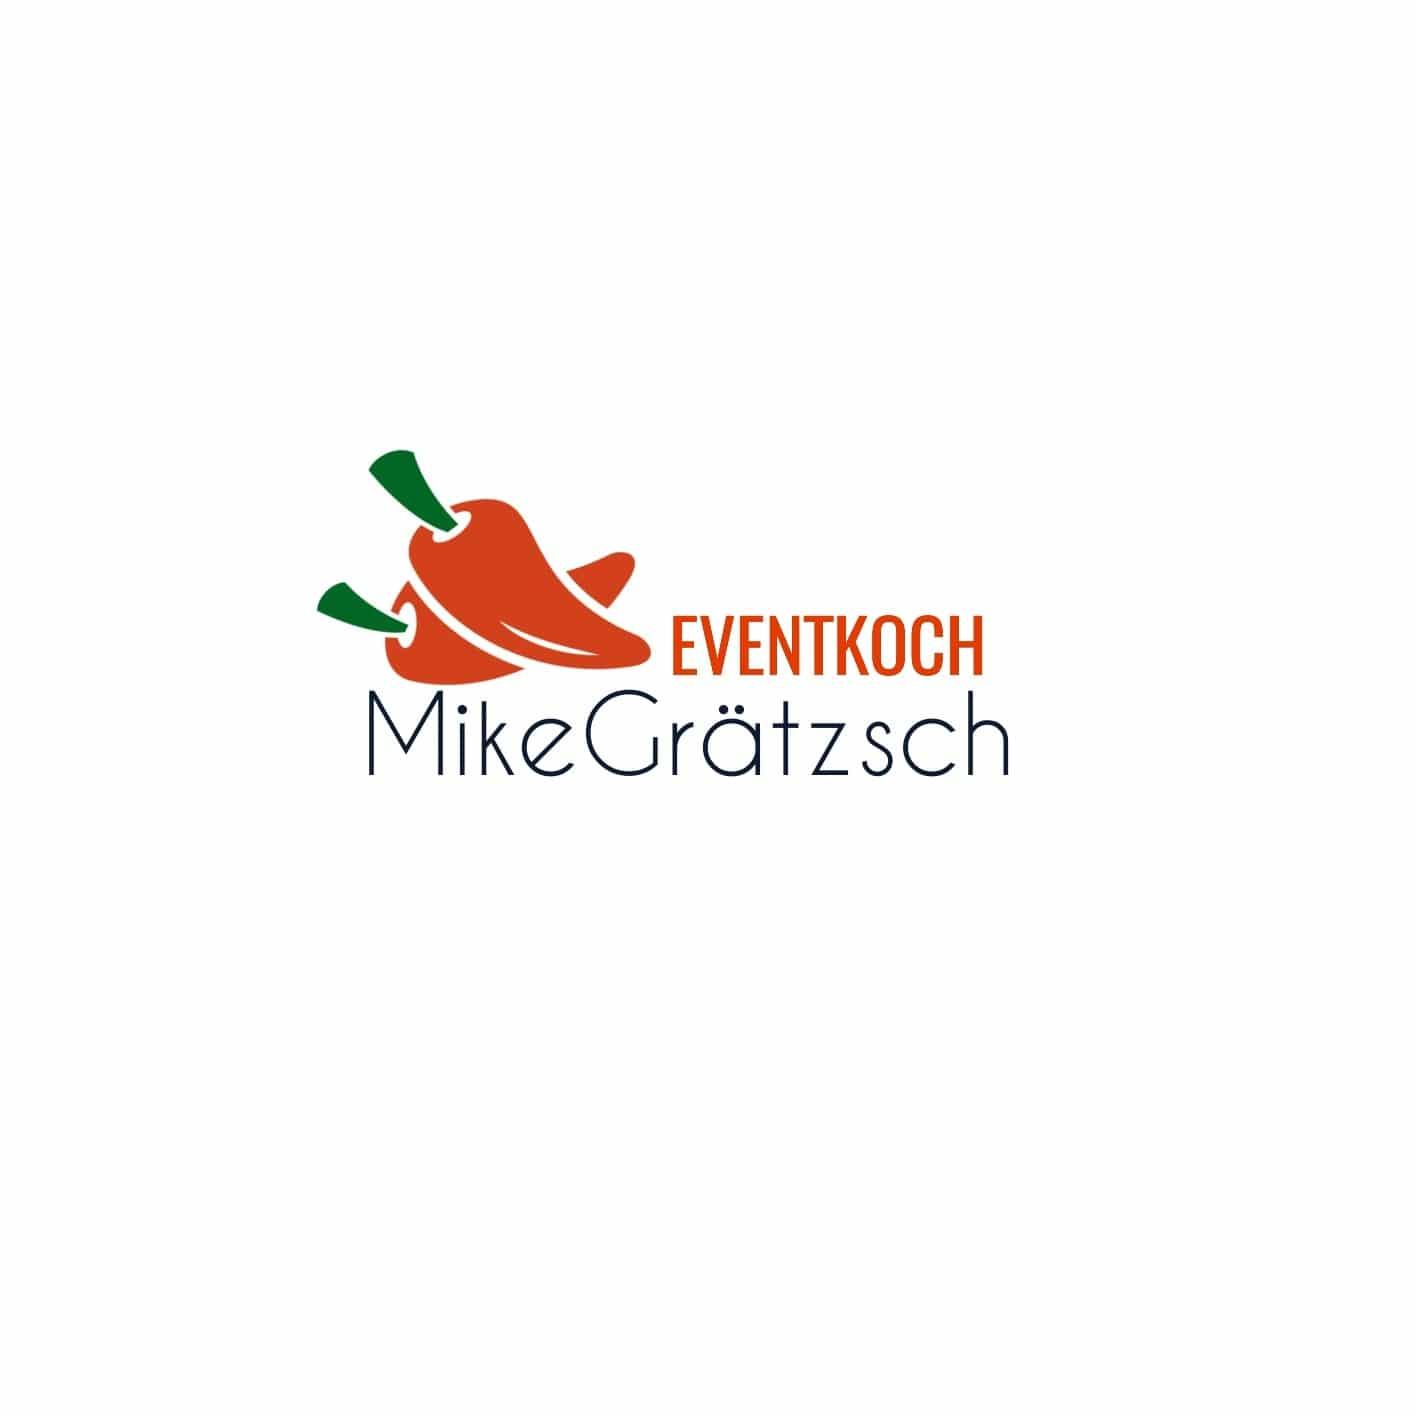 liebespixel-agentur-kirchheim-print-logo-mike-graetzsch-eventkoch